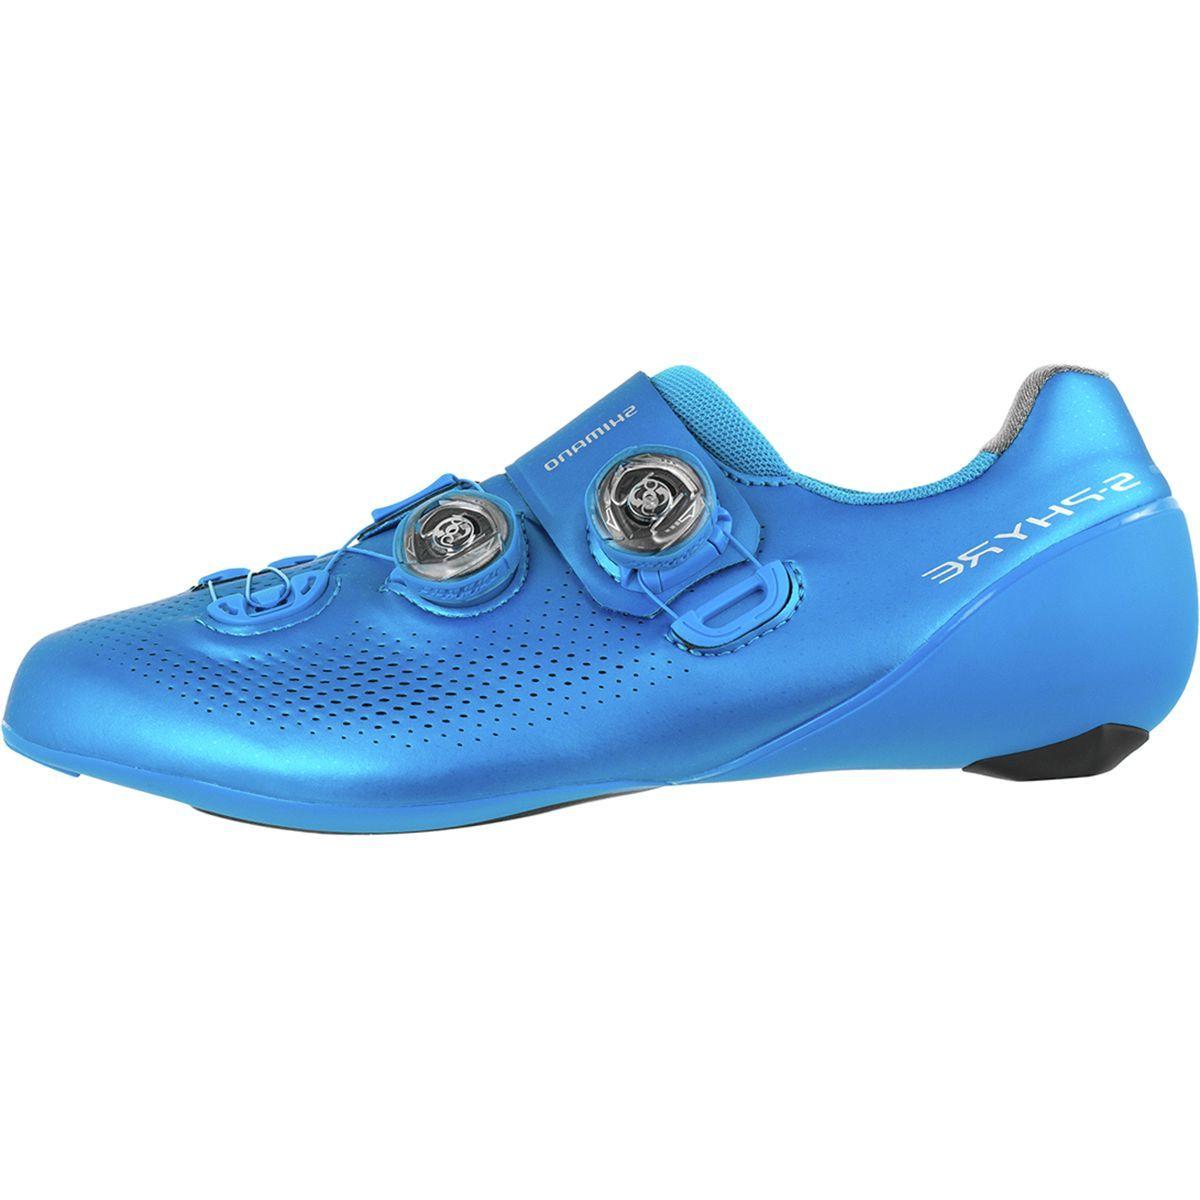 Shimano SH-RC9 S-PHYRE Wide Cycling Shoe - Men's